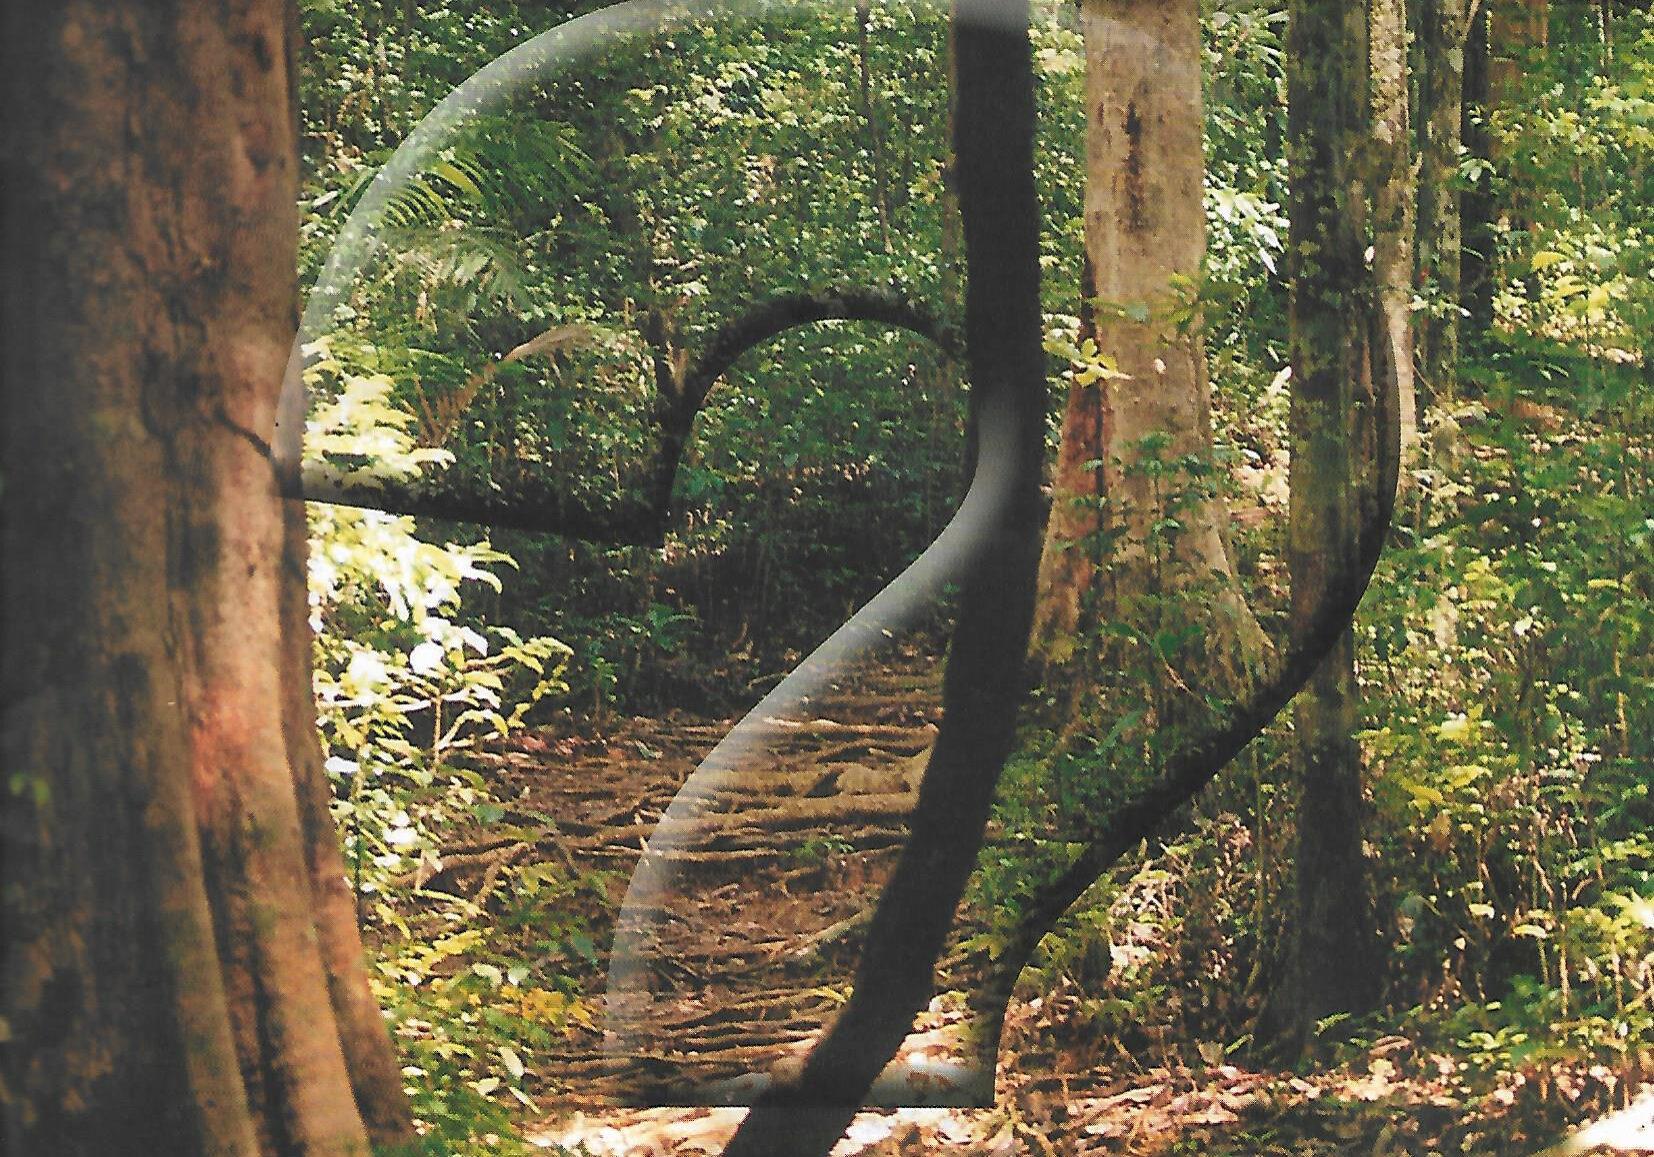 naturalist 2001 vol 4 no 2 p1